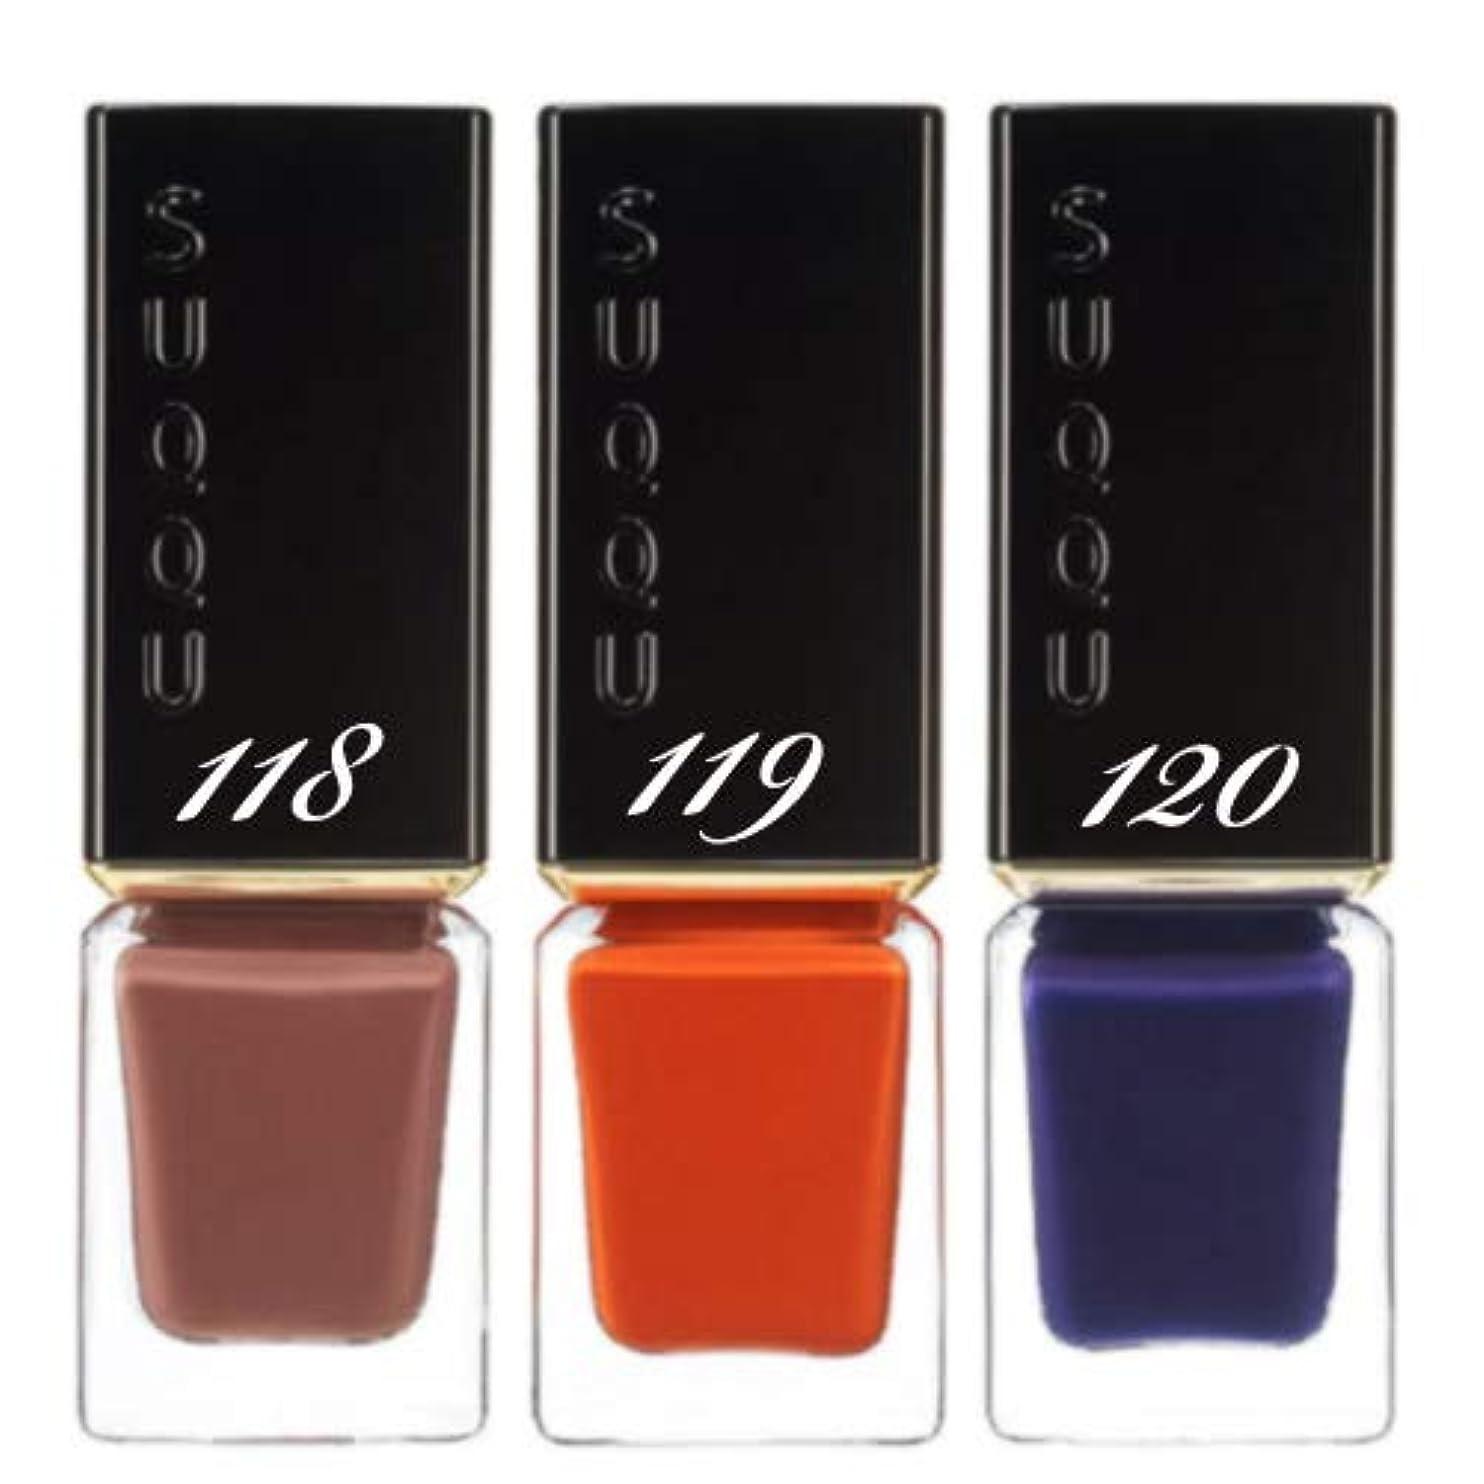 実施するはげゲインセイSUQQU(スック) ネイル カラー ポリッシュ (秋冬限定色) 7.5m (118 鈍砂)